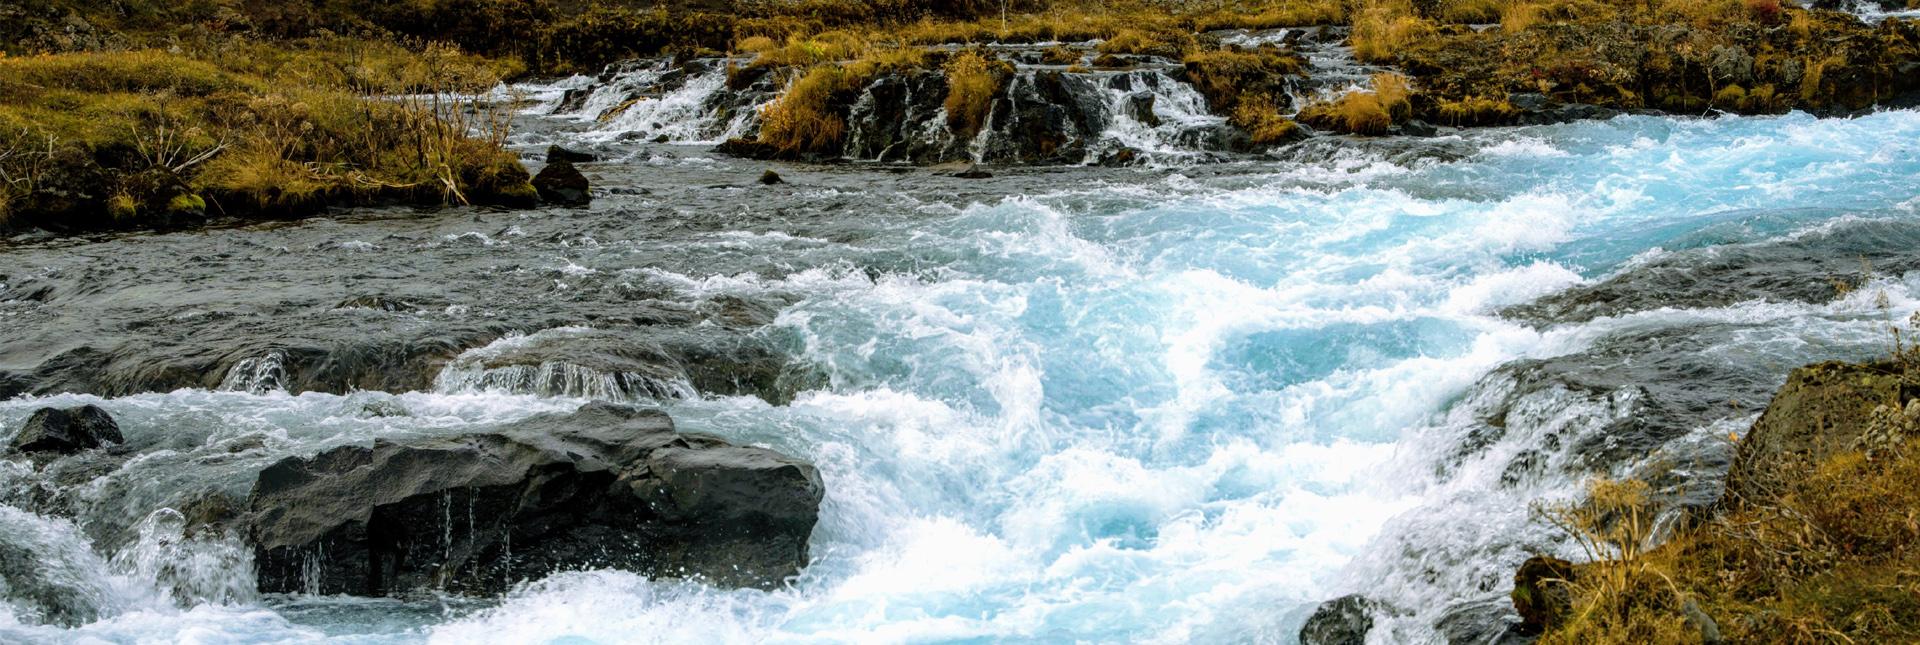 Whitewaters around Chamonix